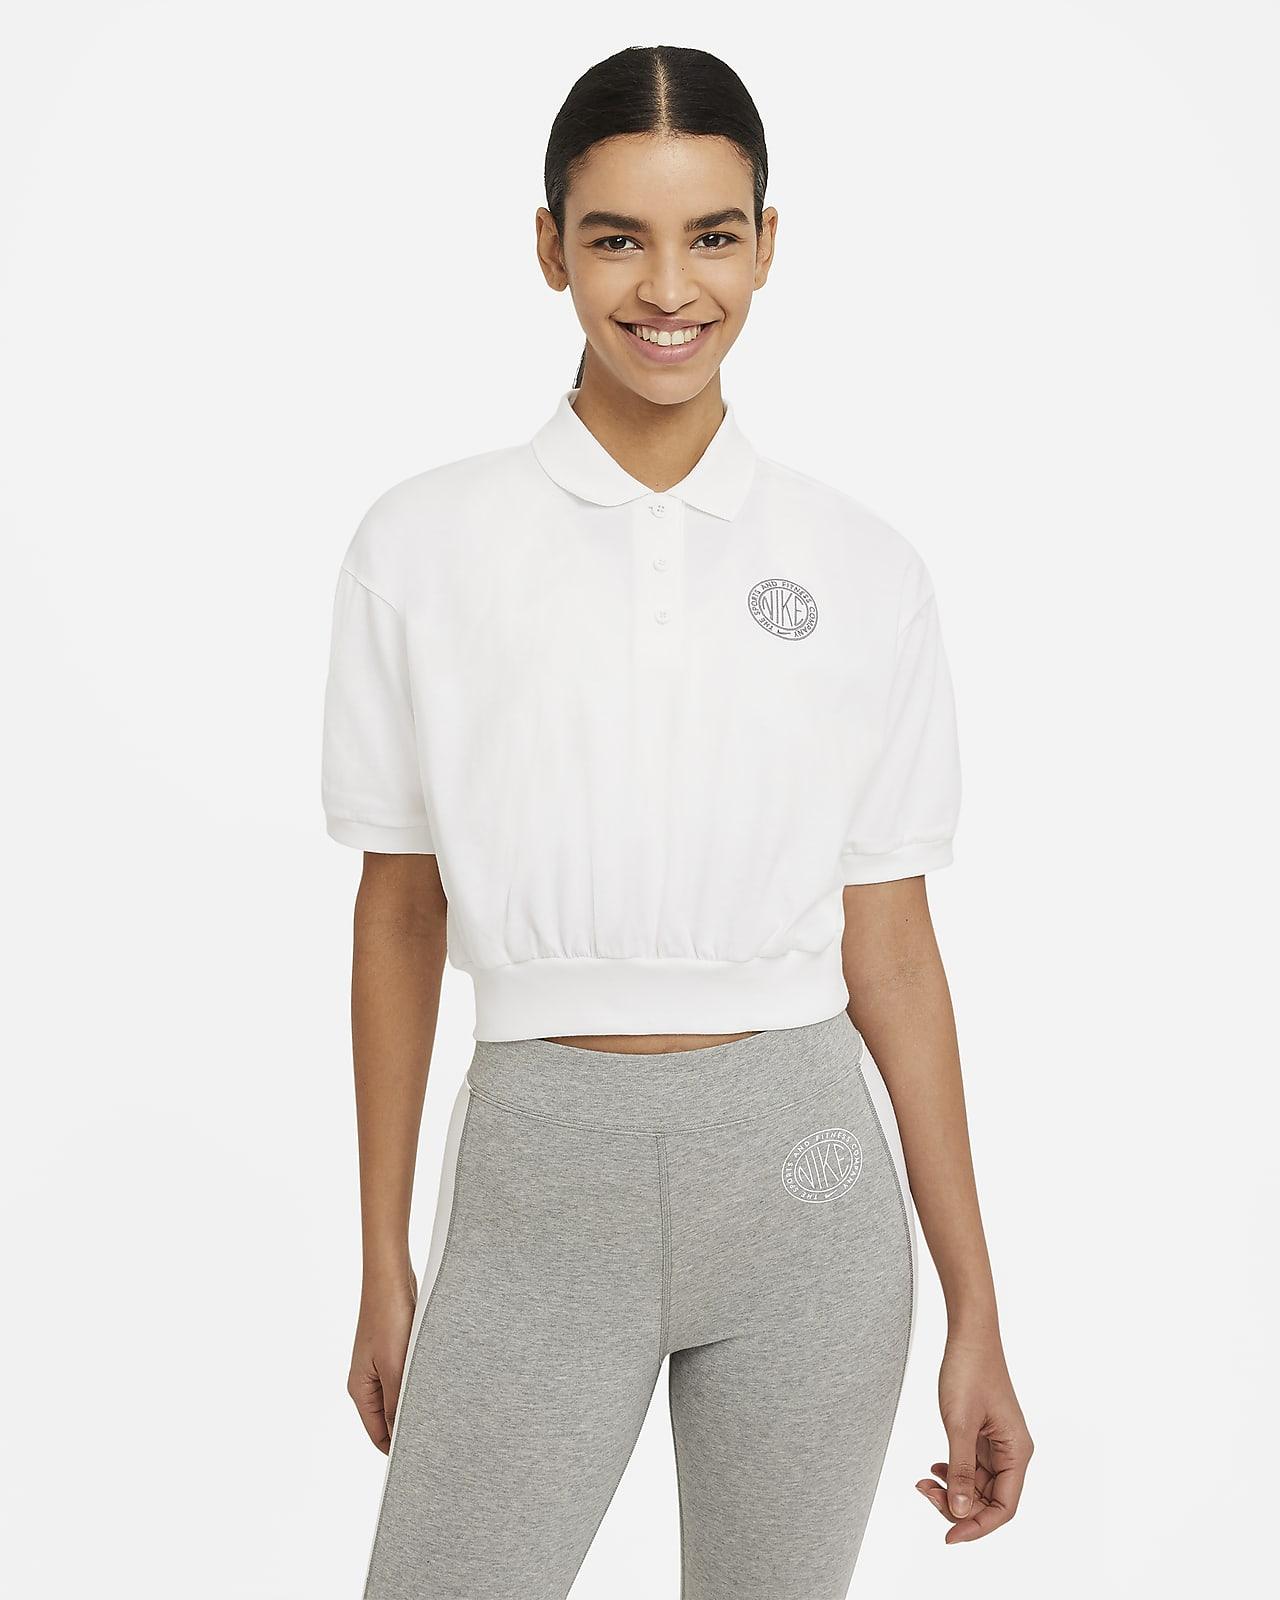 Nike Sportswear Femme Women's Collared Crop Top